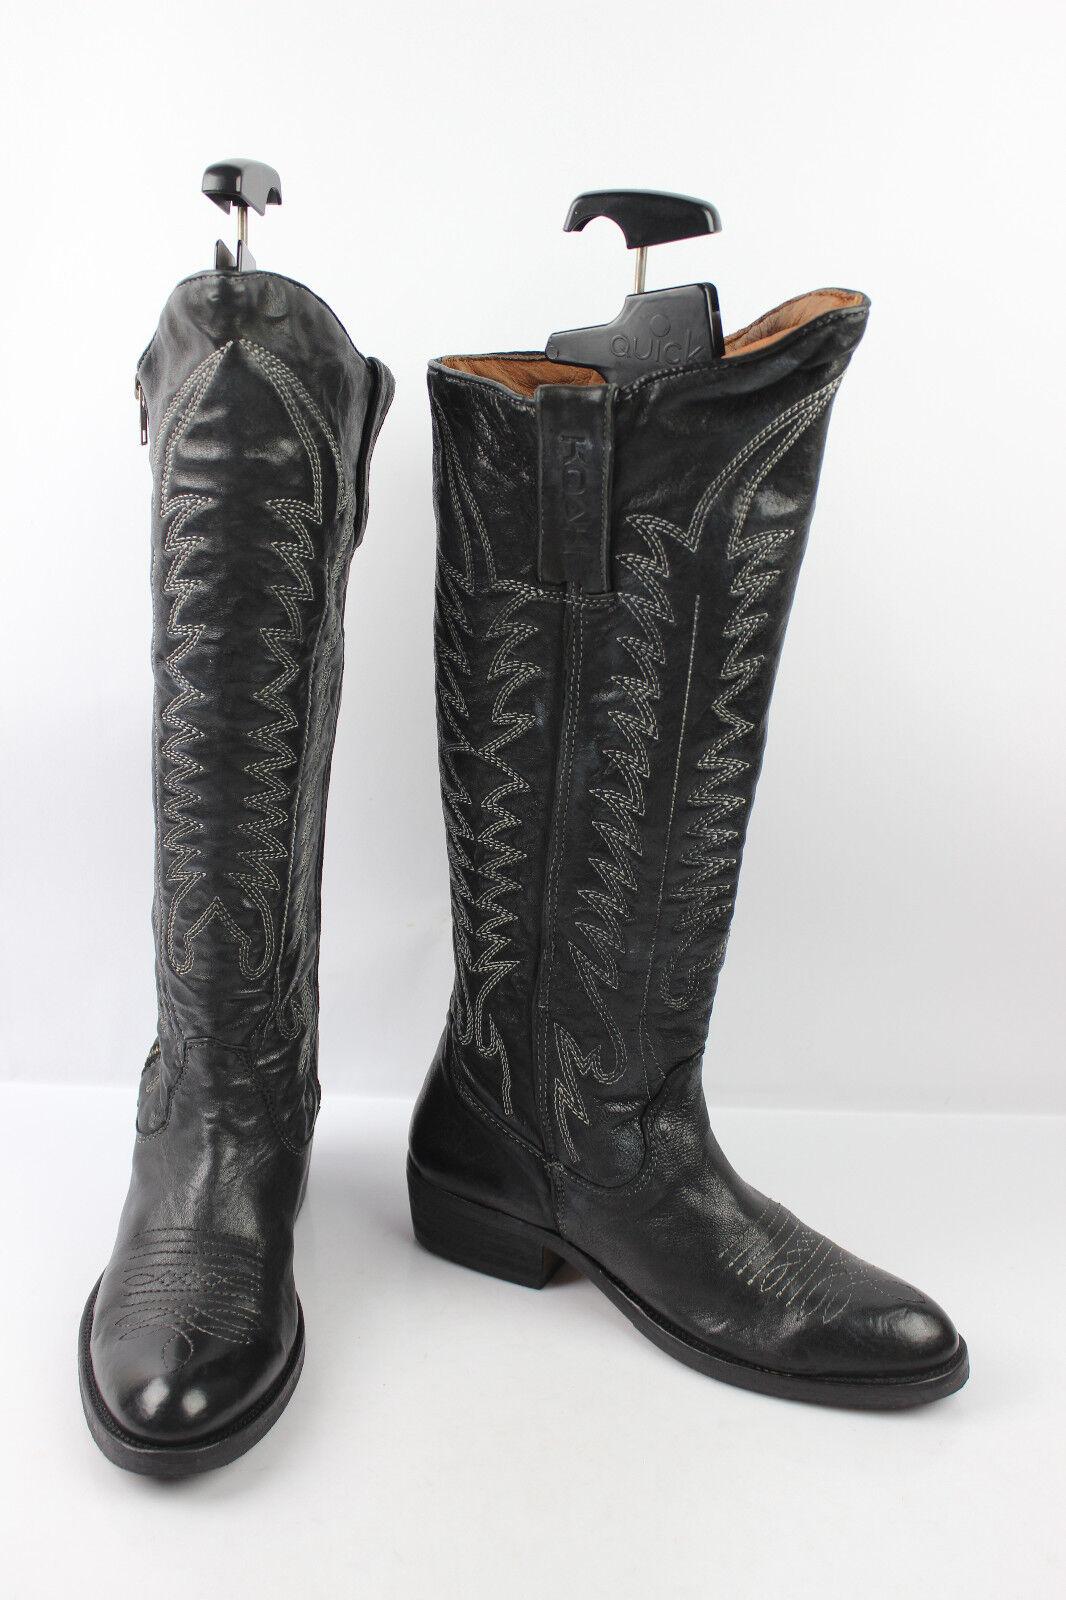 botas Hautes Genoux KOAH Tout Cuir negro T 38 TTBE